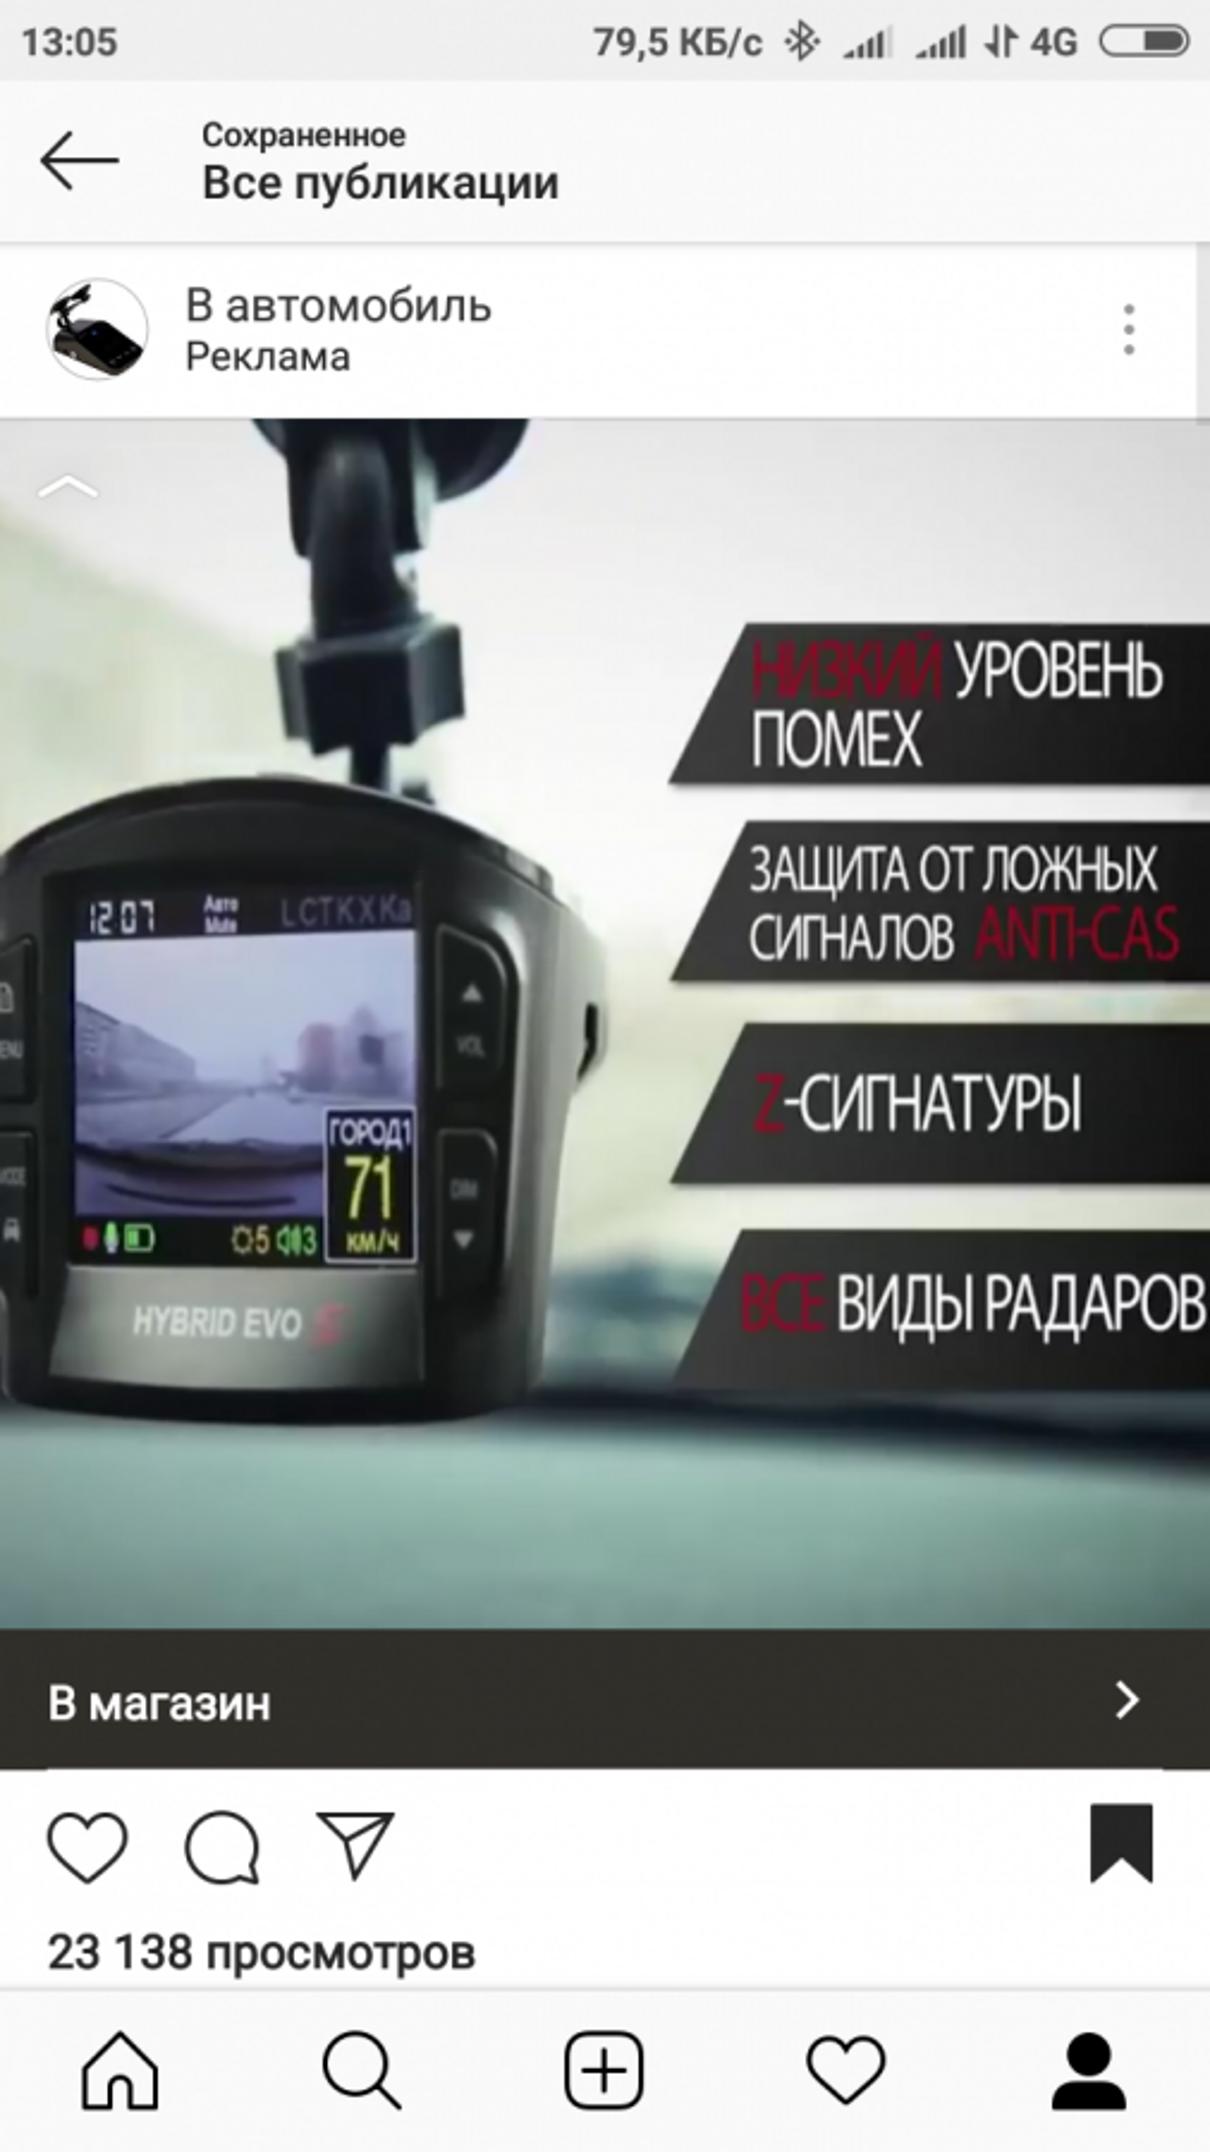 Жалоба-отзыв: TV-SHOP-ONLINE@YANDEX.RU - Регистратор.  Фото №3